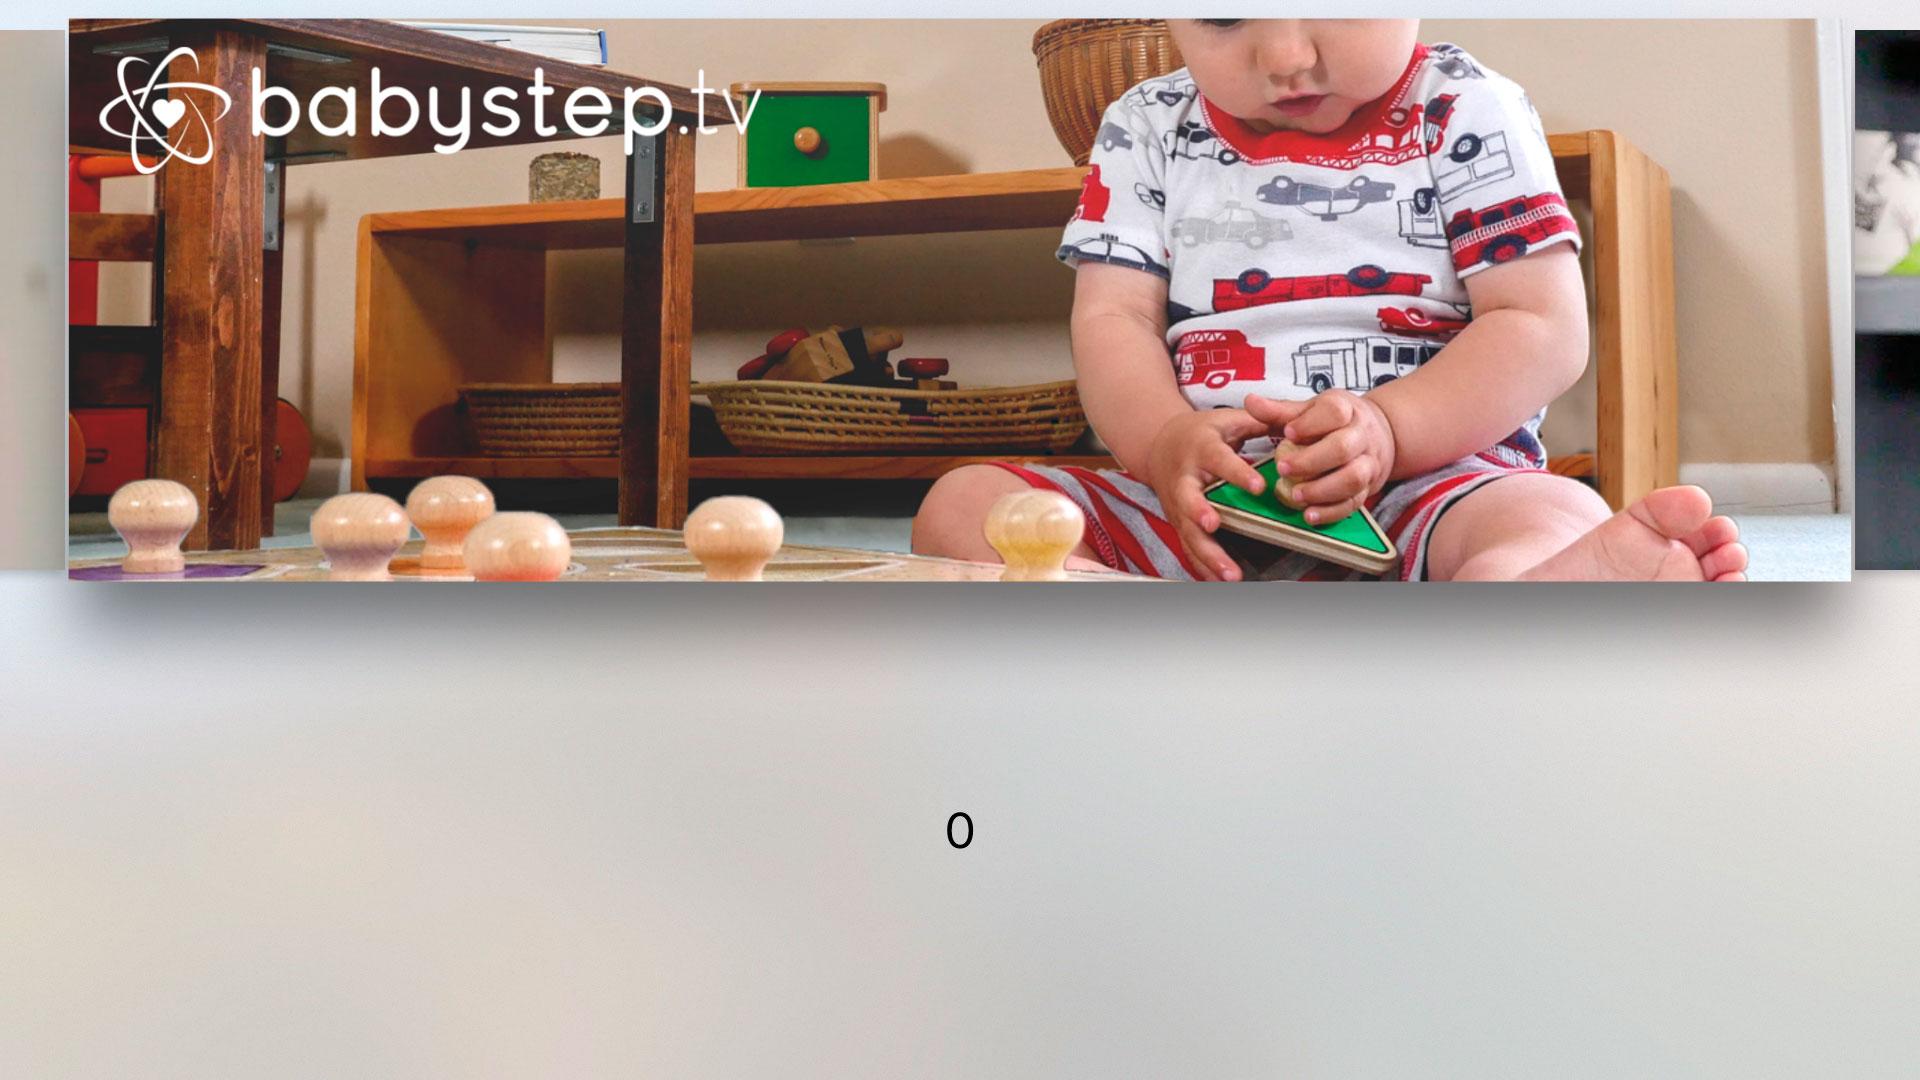 FPScrollingBanner screenshot